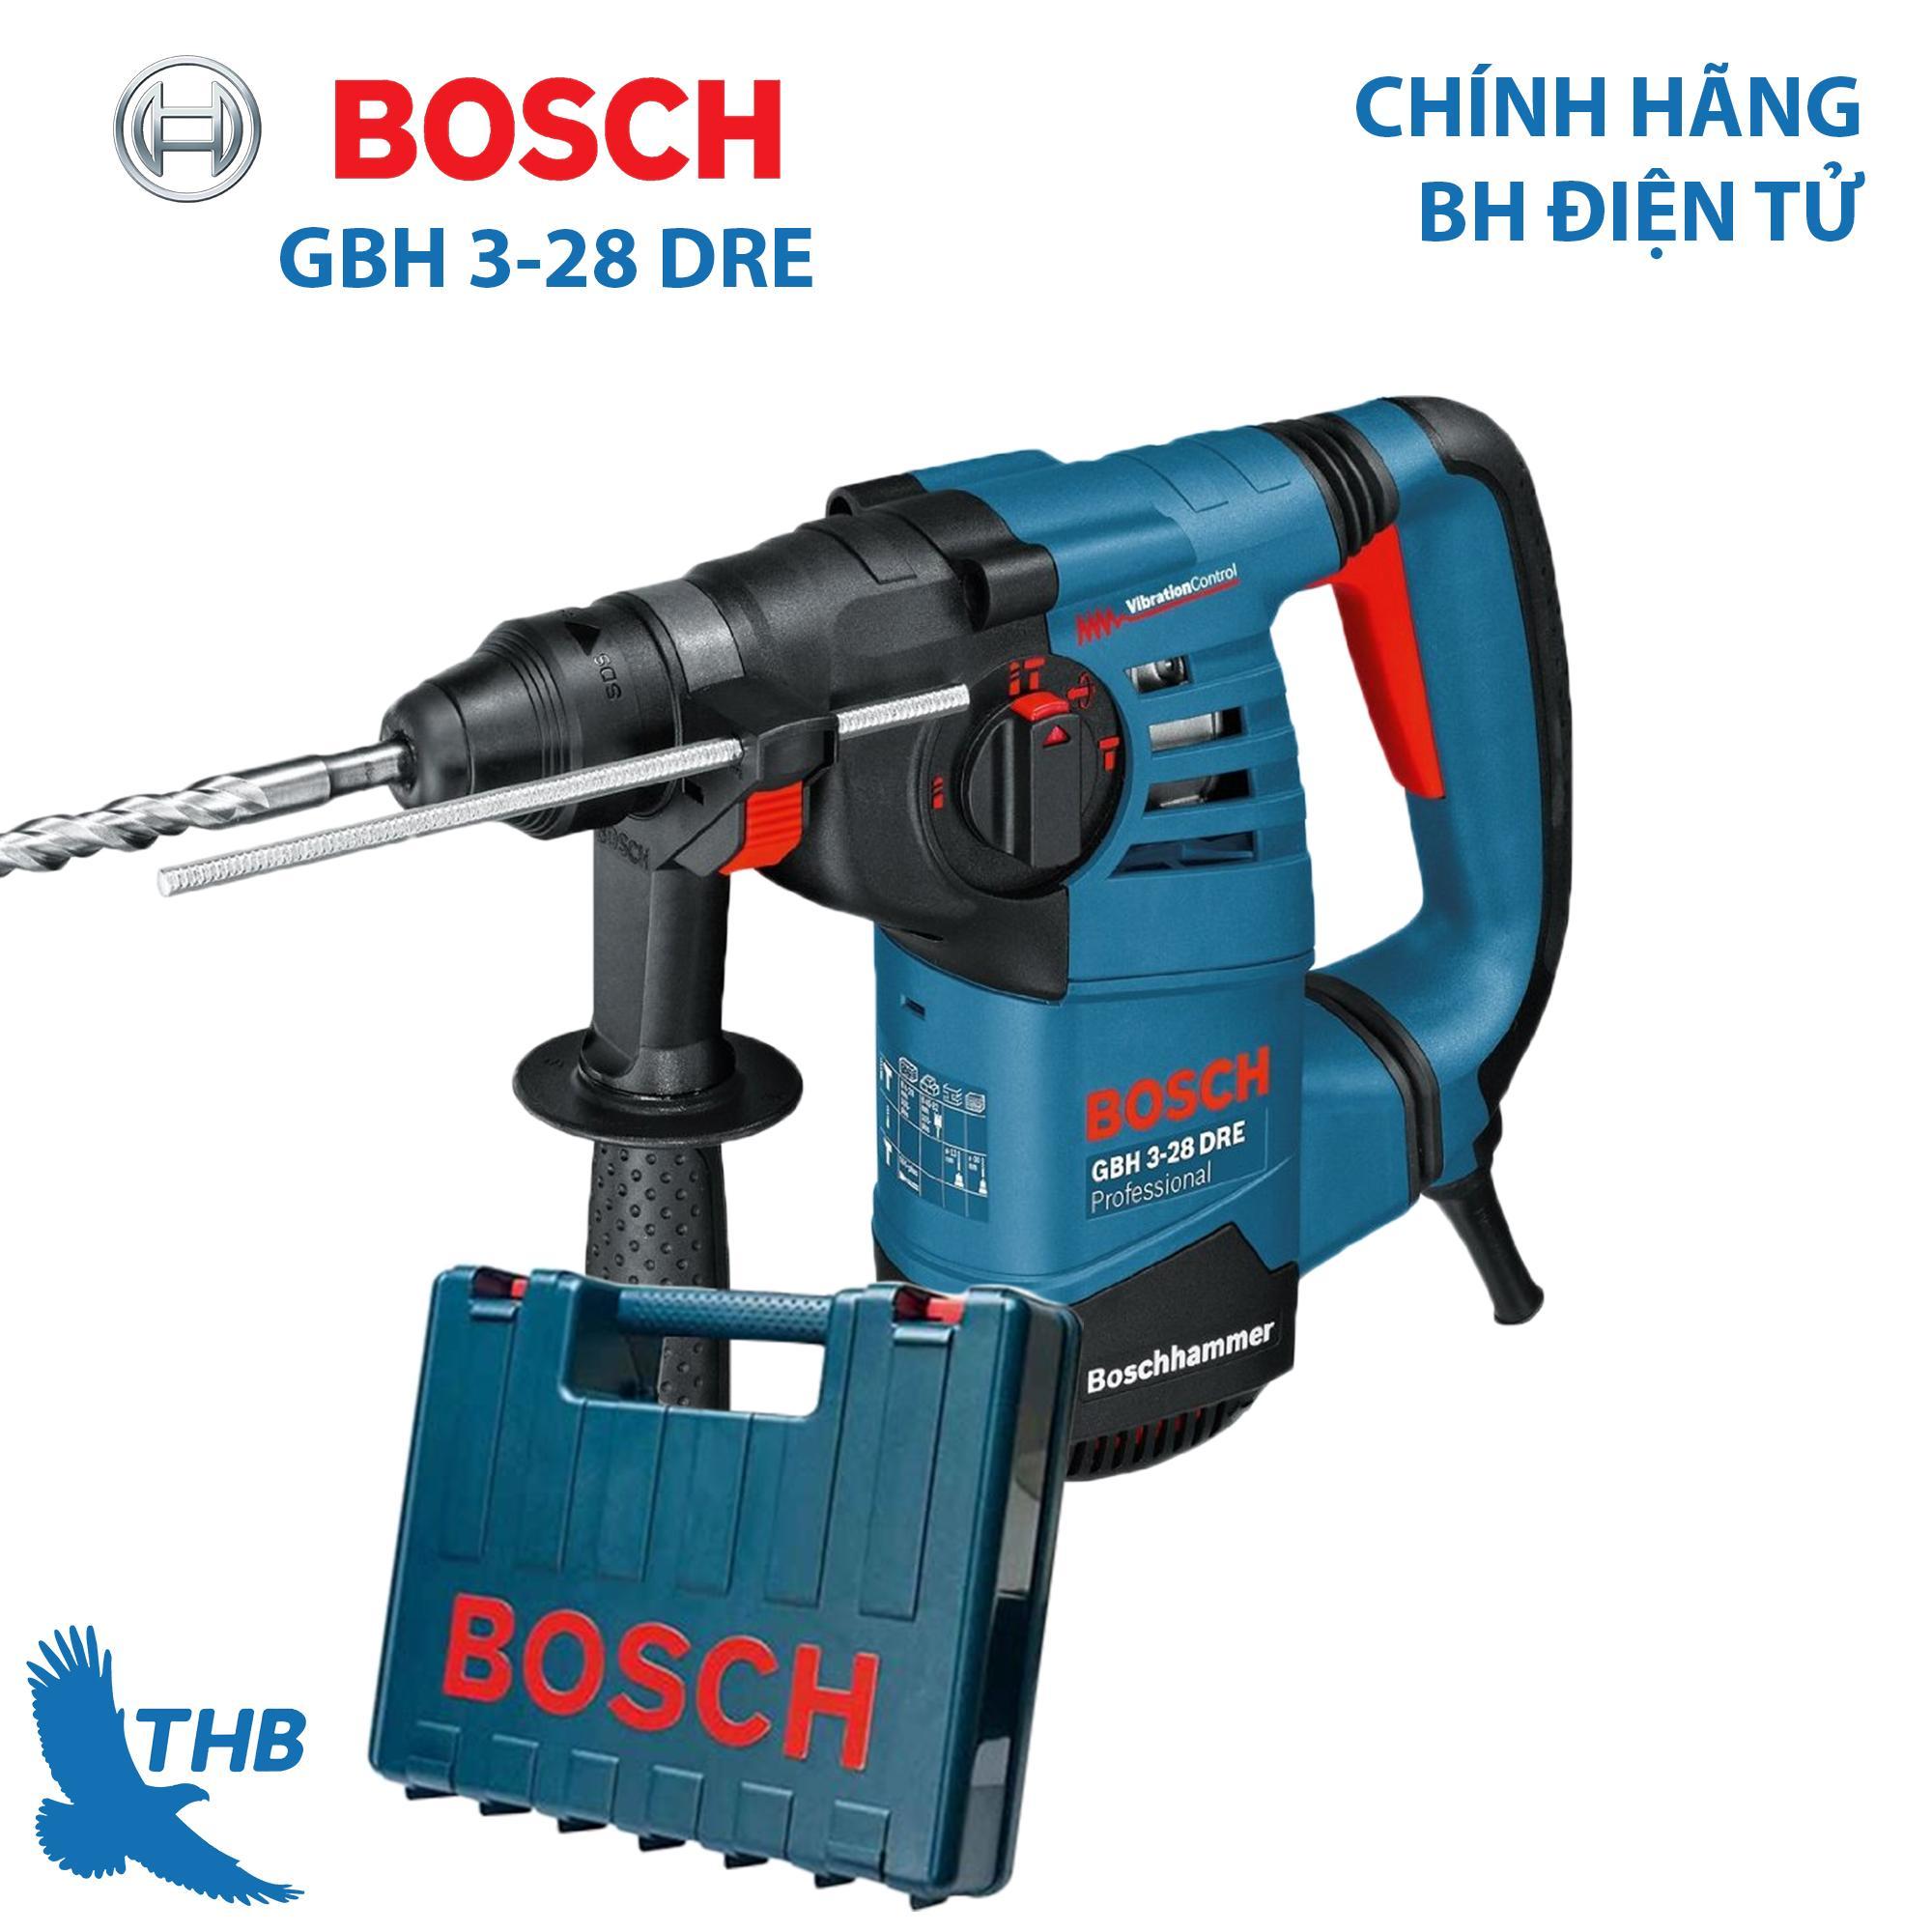 Máy khoan búa Máy khoan bê tông Bosch GBH 3-28 DRE Công suất 800W Mũi khoan bê tông 28mm Bảo hành điện tử 12 tháng